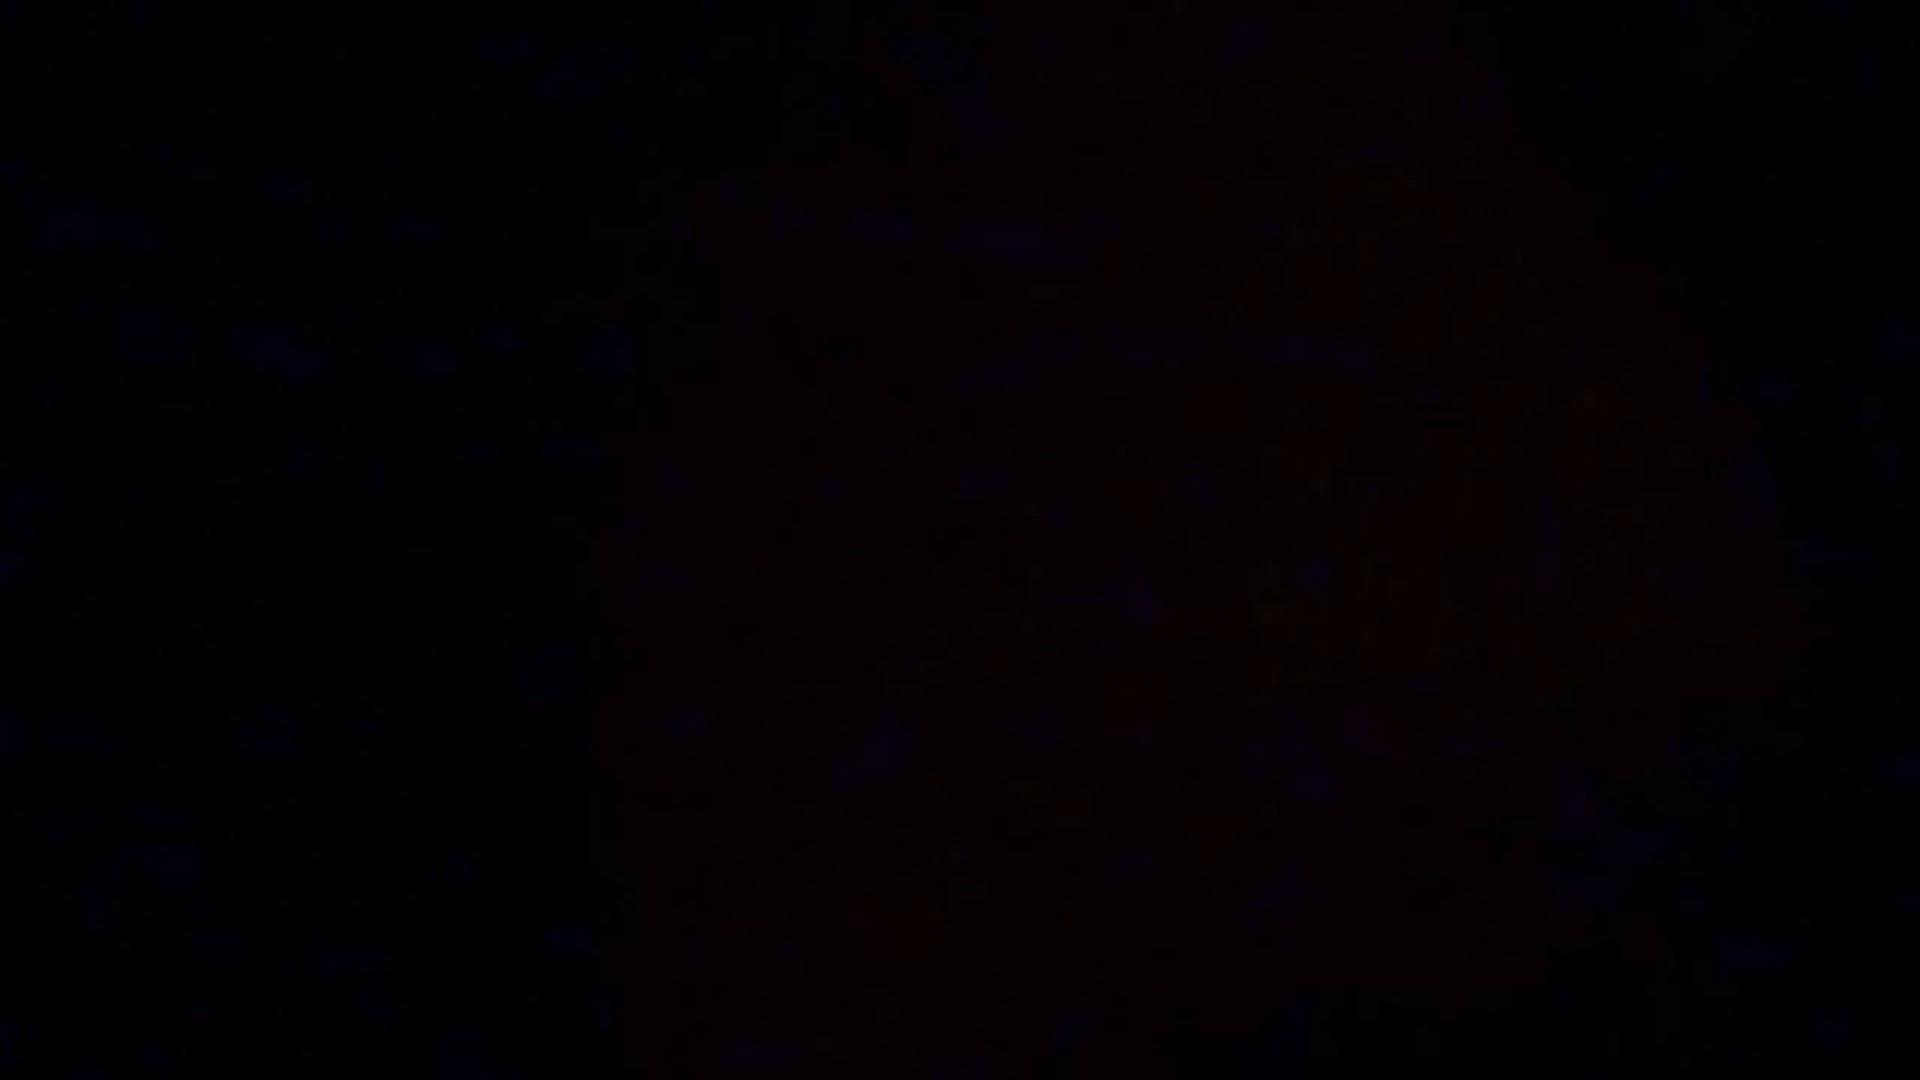 魔術師の お・も・て・な・し vol.25 19歳の巨乳ちゃんにログイン! 巨乳  76pic 54